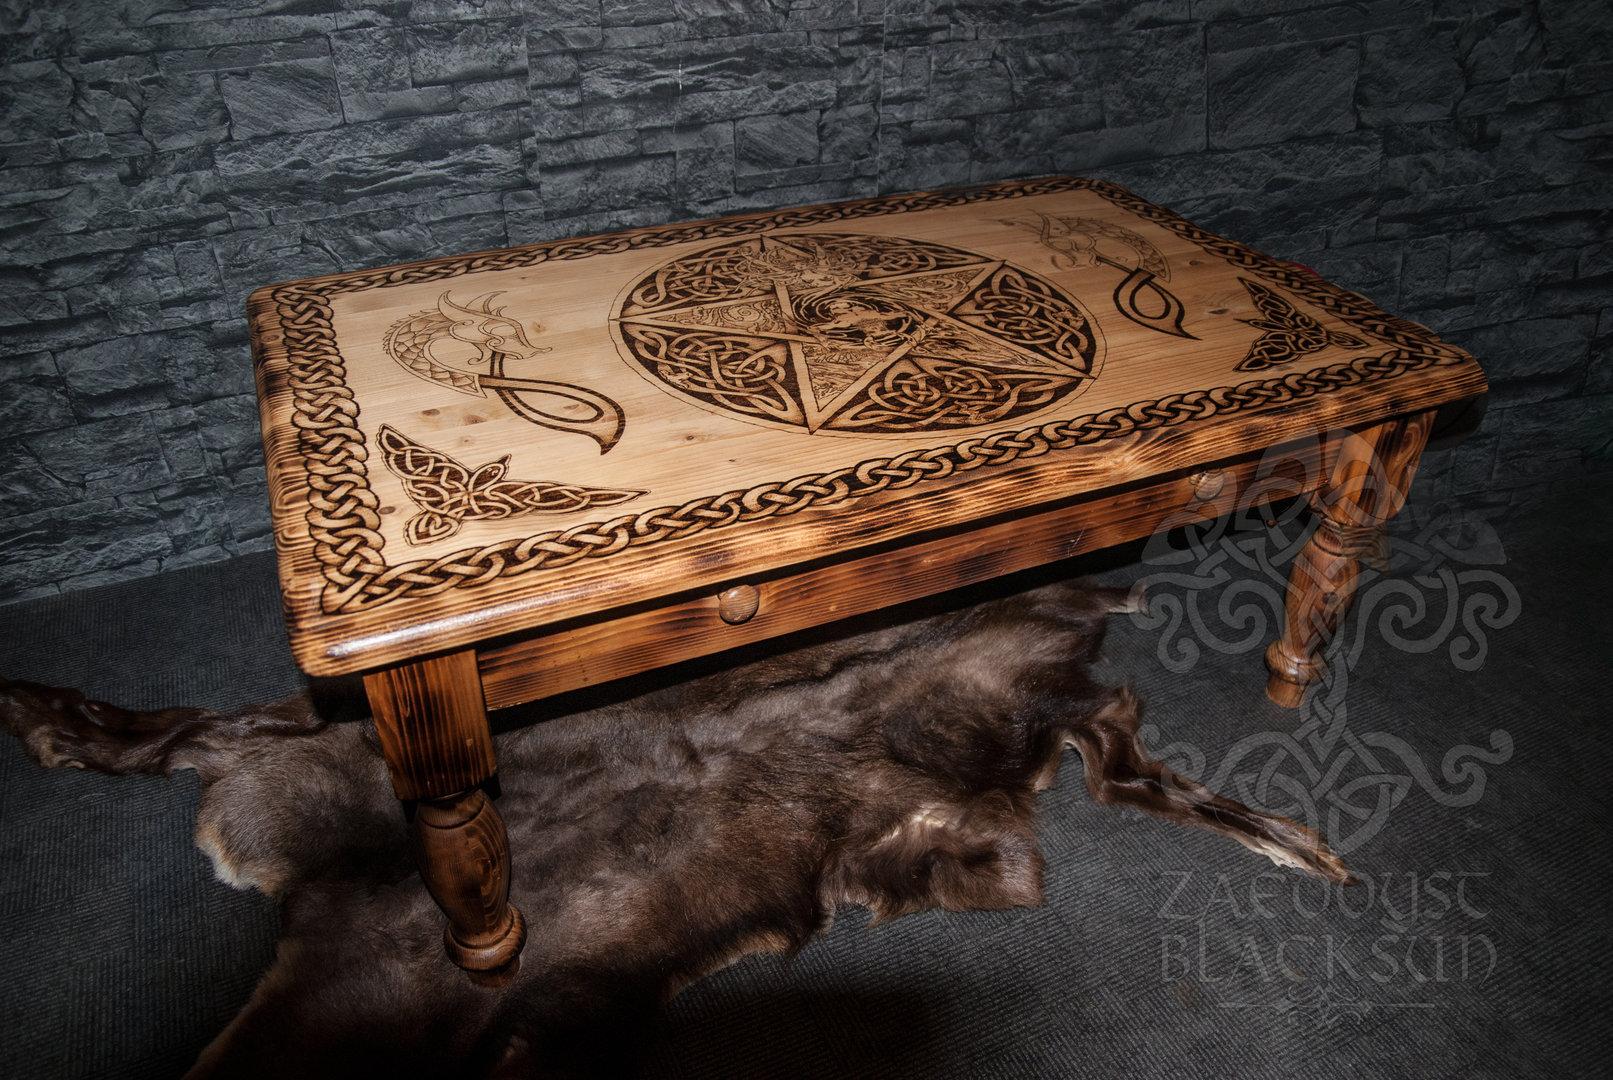 wohnzimmertisch viking zaeddyst blacksun trinkh rner m bel kleidung schmuck und mehr. Black Bedroom Furniture Sets. Home Design Ideas